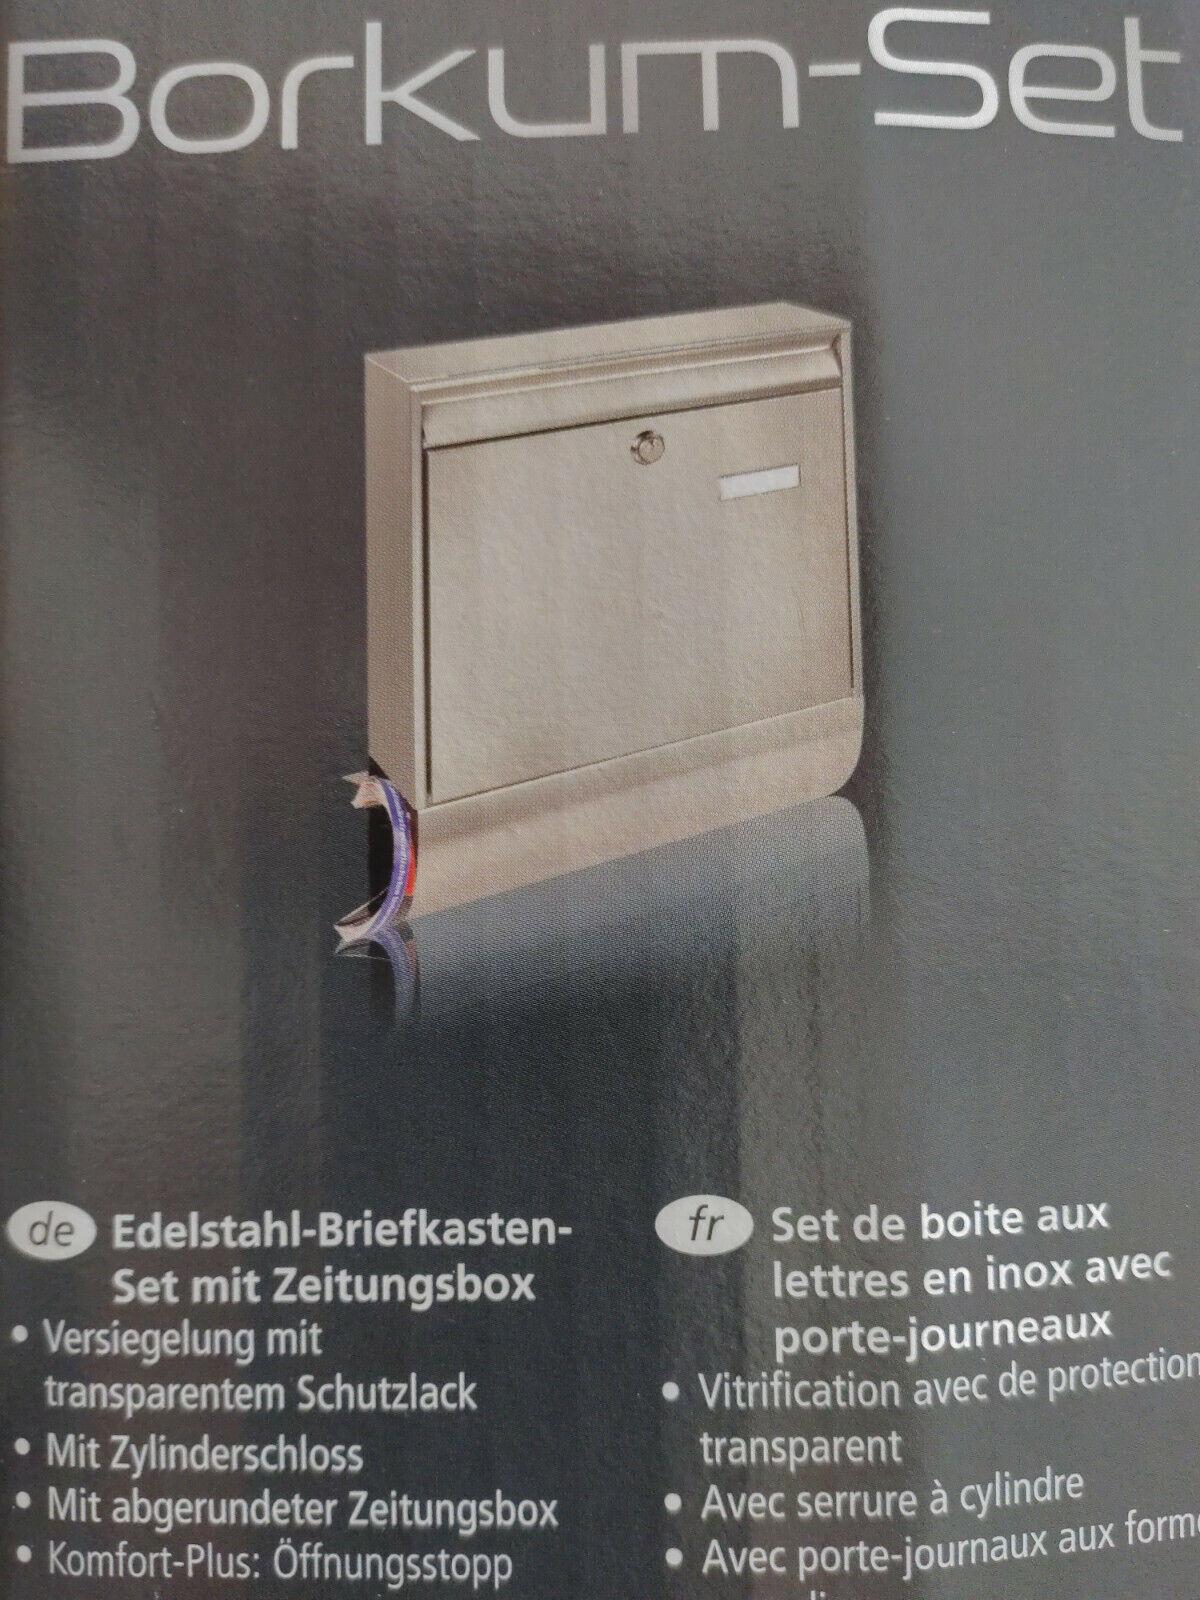 Edelstahl Burg-W/ächter 39690 Borkum-Set 38770 NI Briefkasten